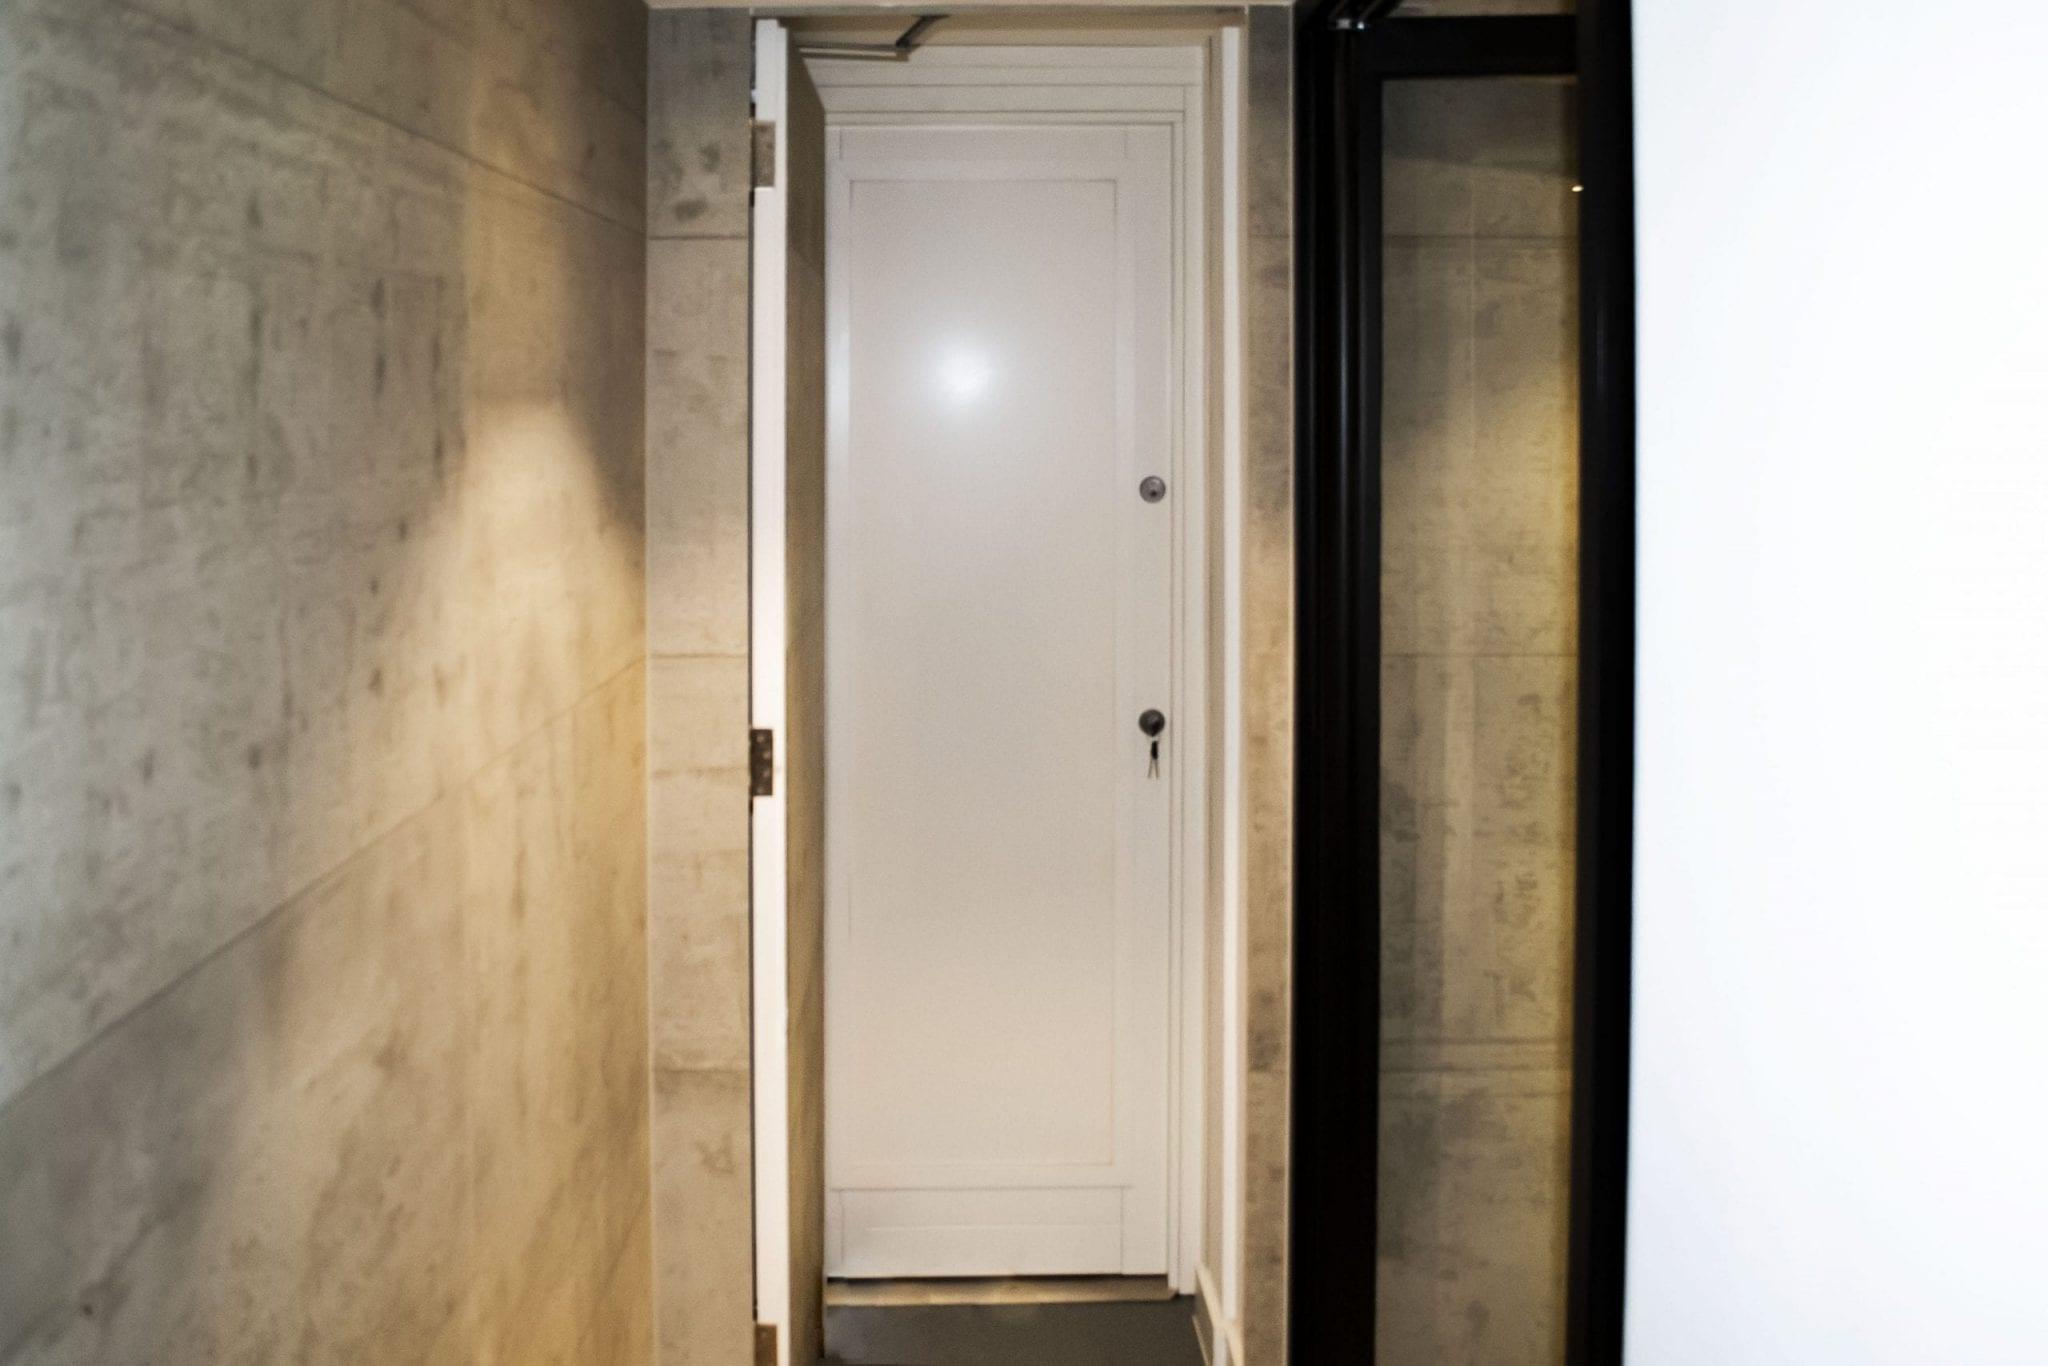 Warrior Full Stainless Steel Safe Room Door